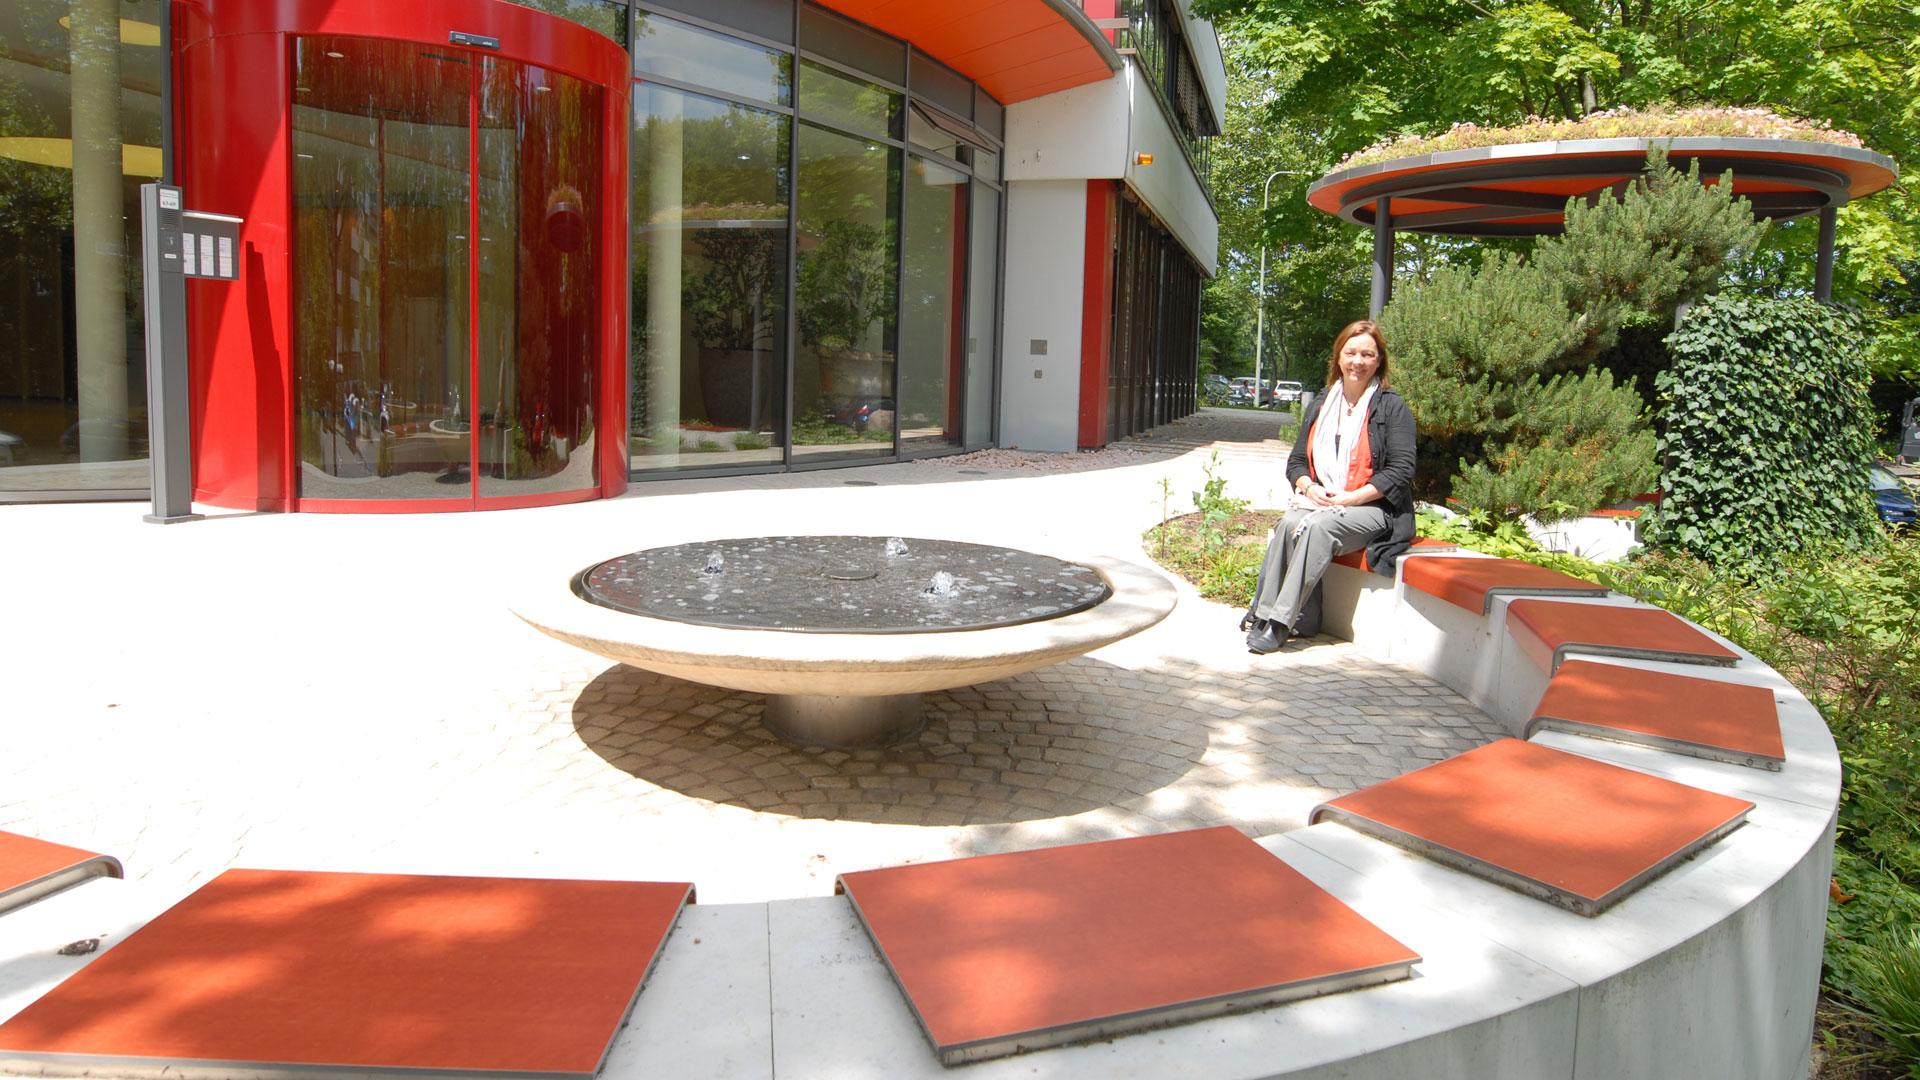 Außenanlage mit Wasserspiel, Sitzecke und Eingangsbereich des Forum Eschborn Bürohaus Frankfurt - Planung und Gestaltung von atelier8 Barbara Jurk